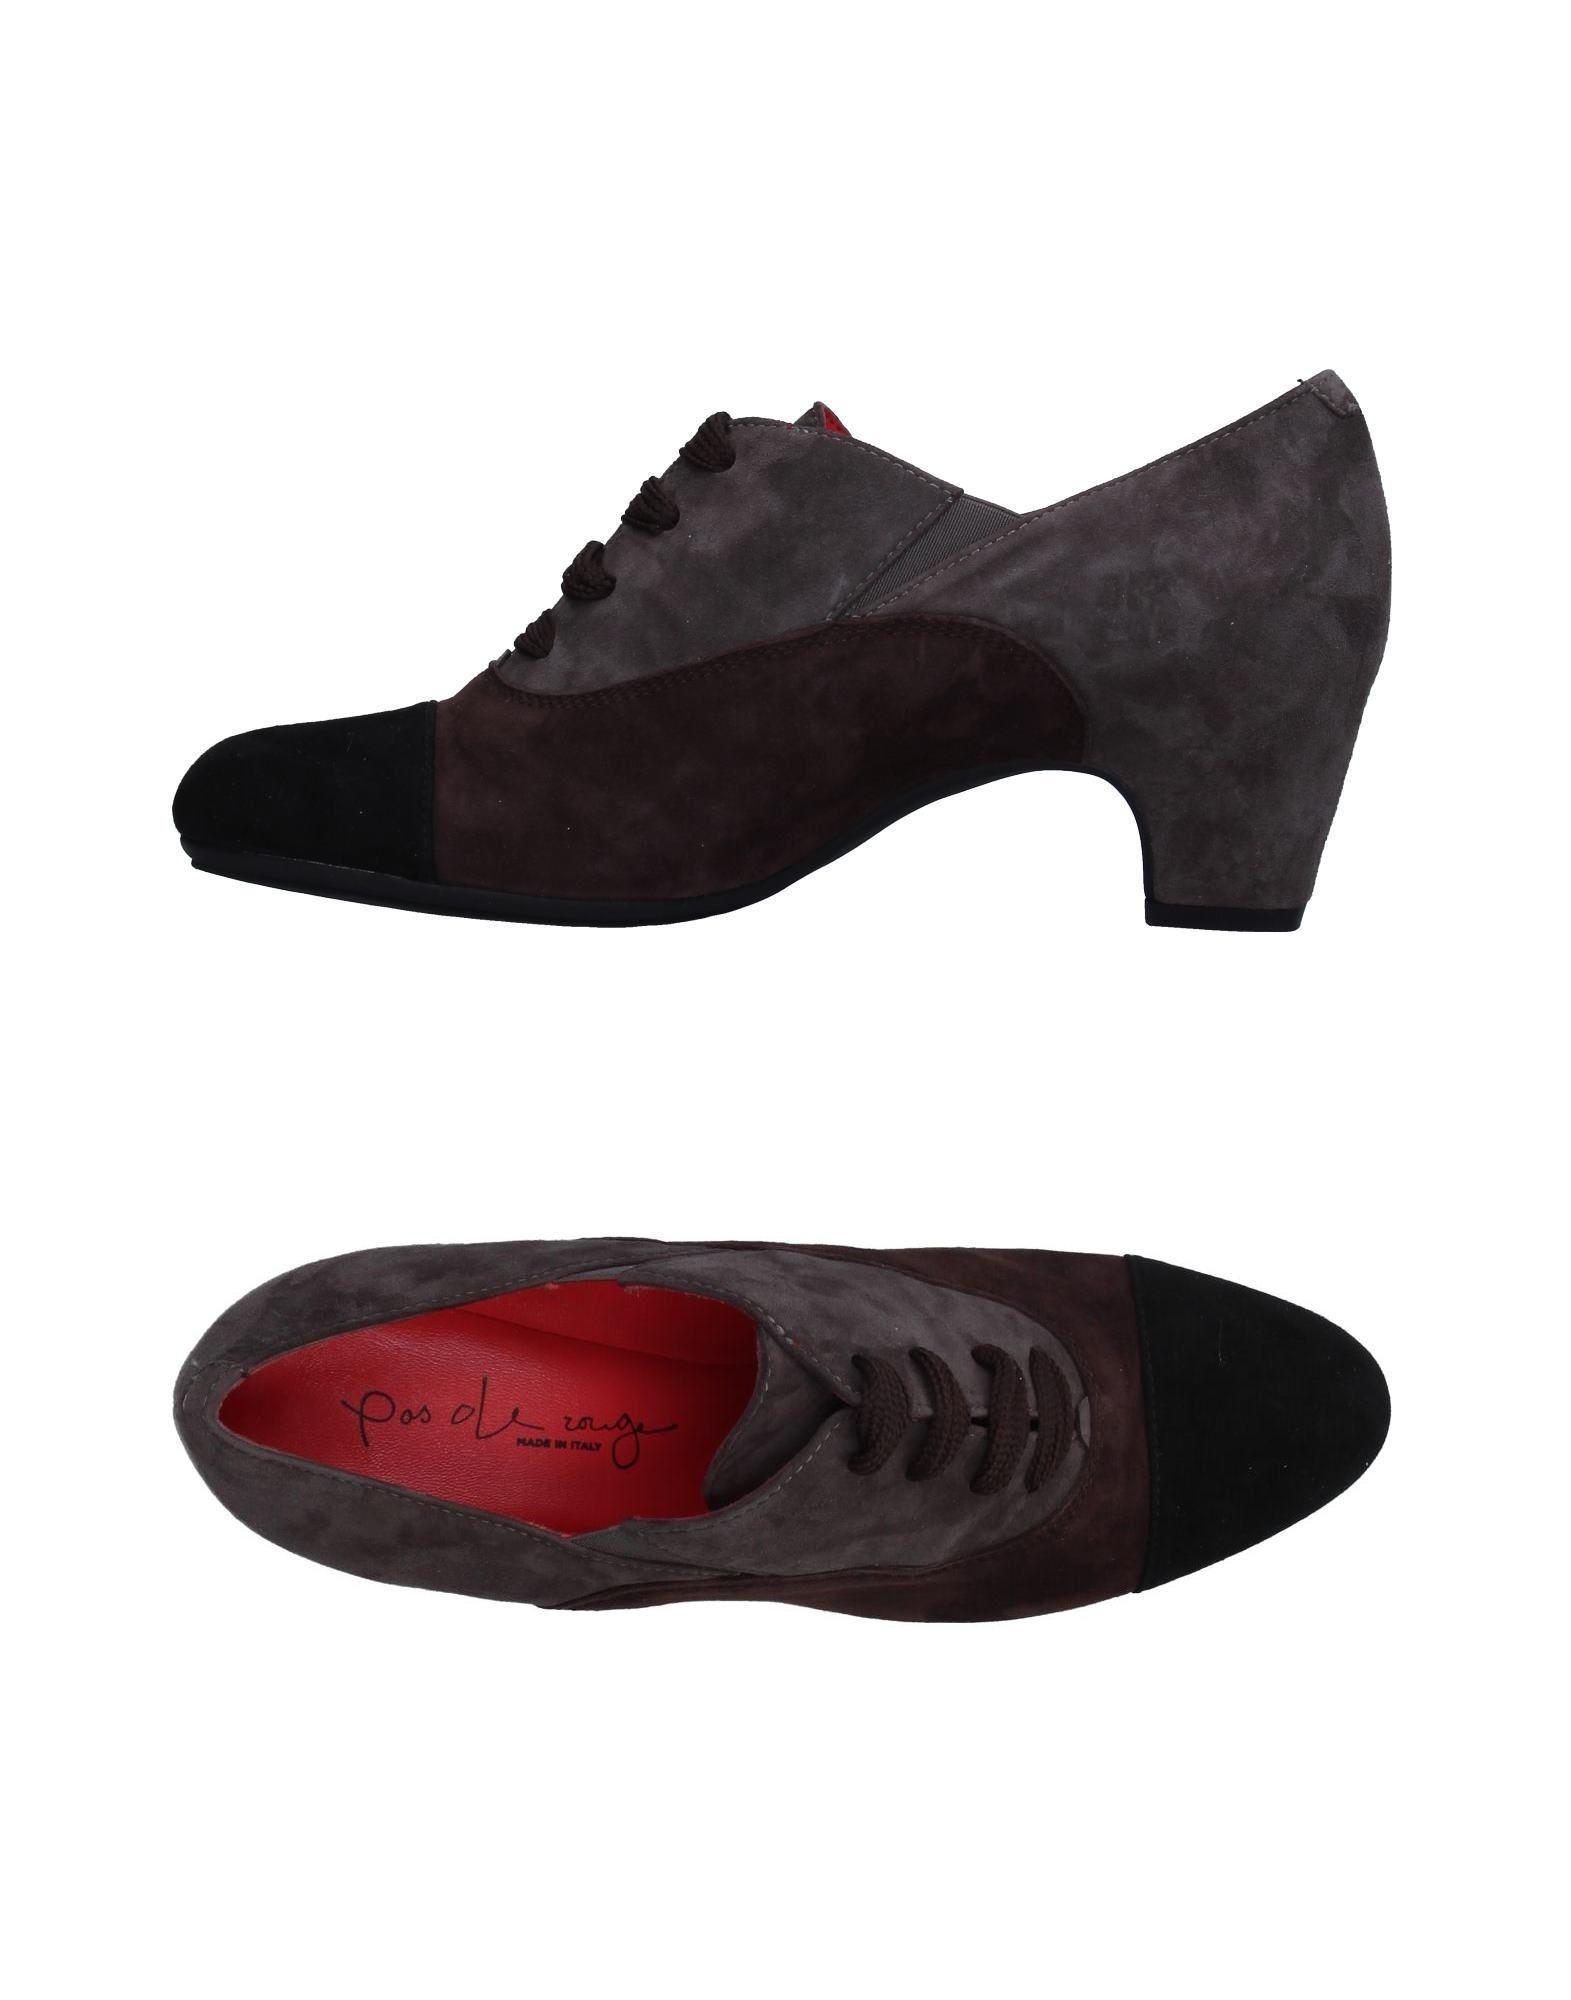 FOOTWEAR - Lace-up shoes Pas De Rouge 17ePrvA